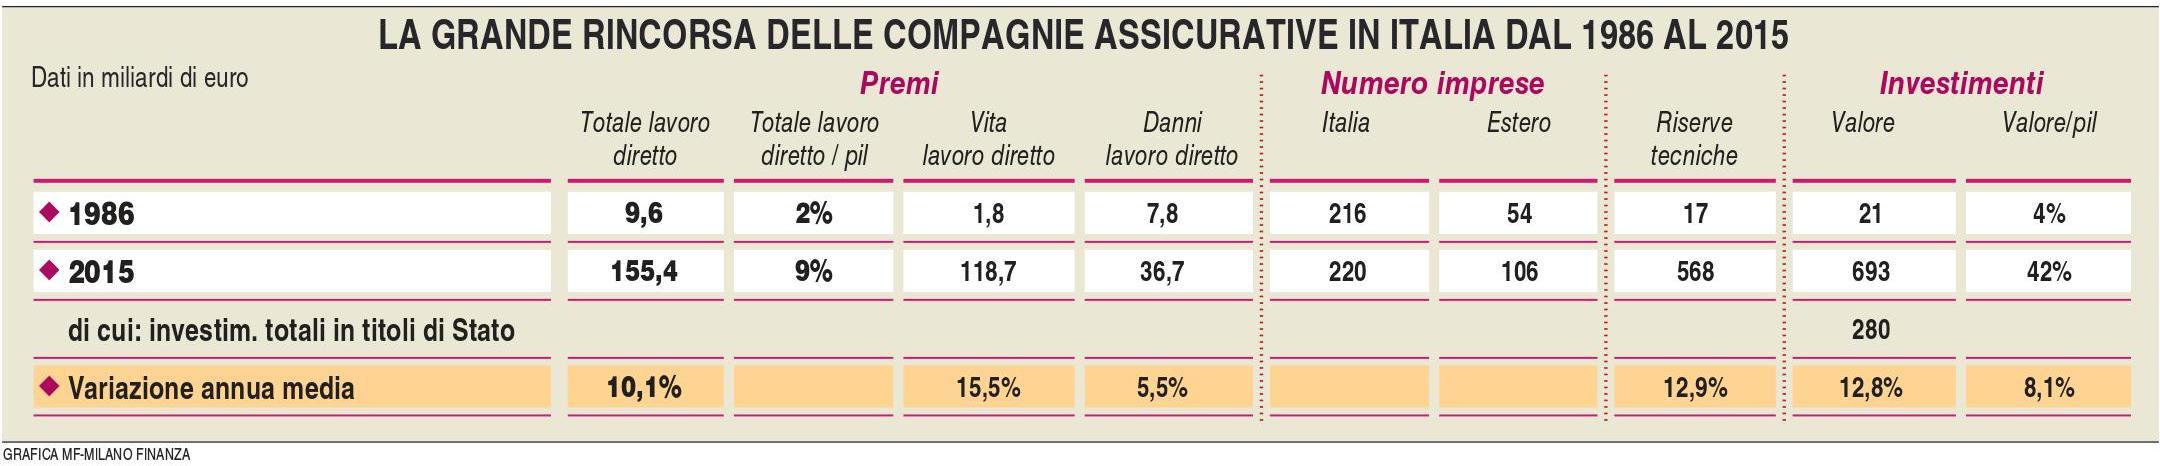 compagnie-assicurative-italiane-1986-2016-milano-finanza-24-12-2016-imc